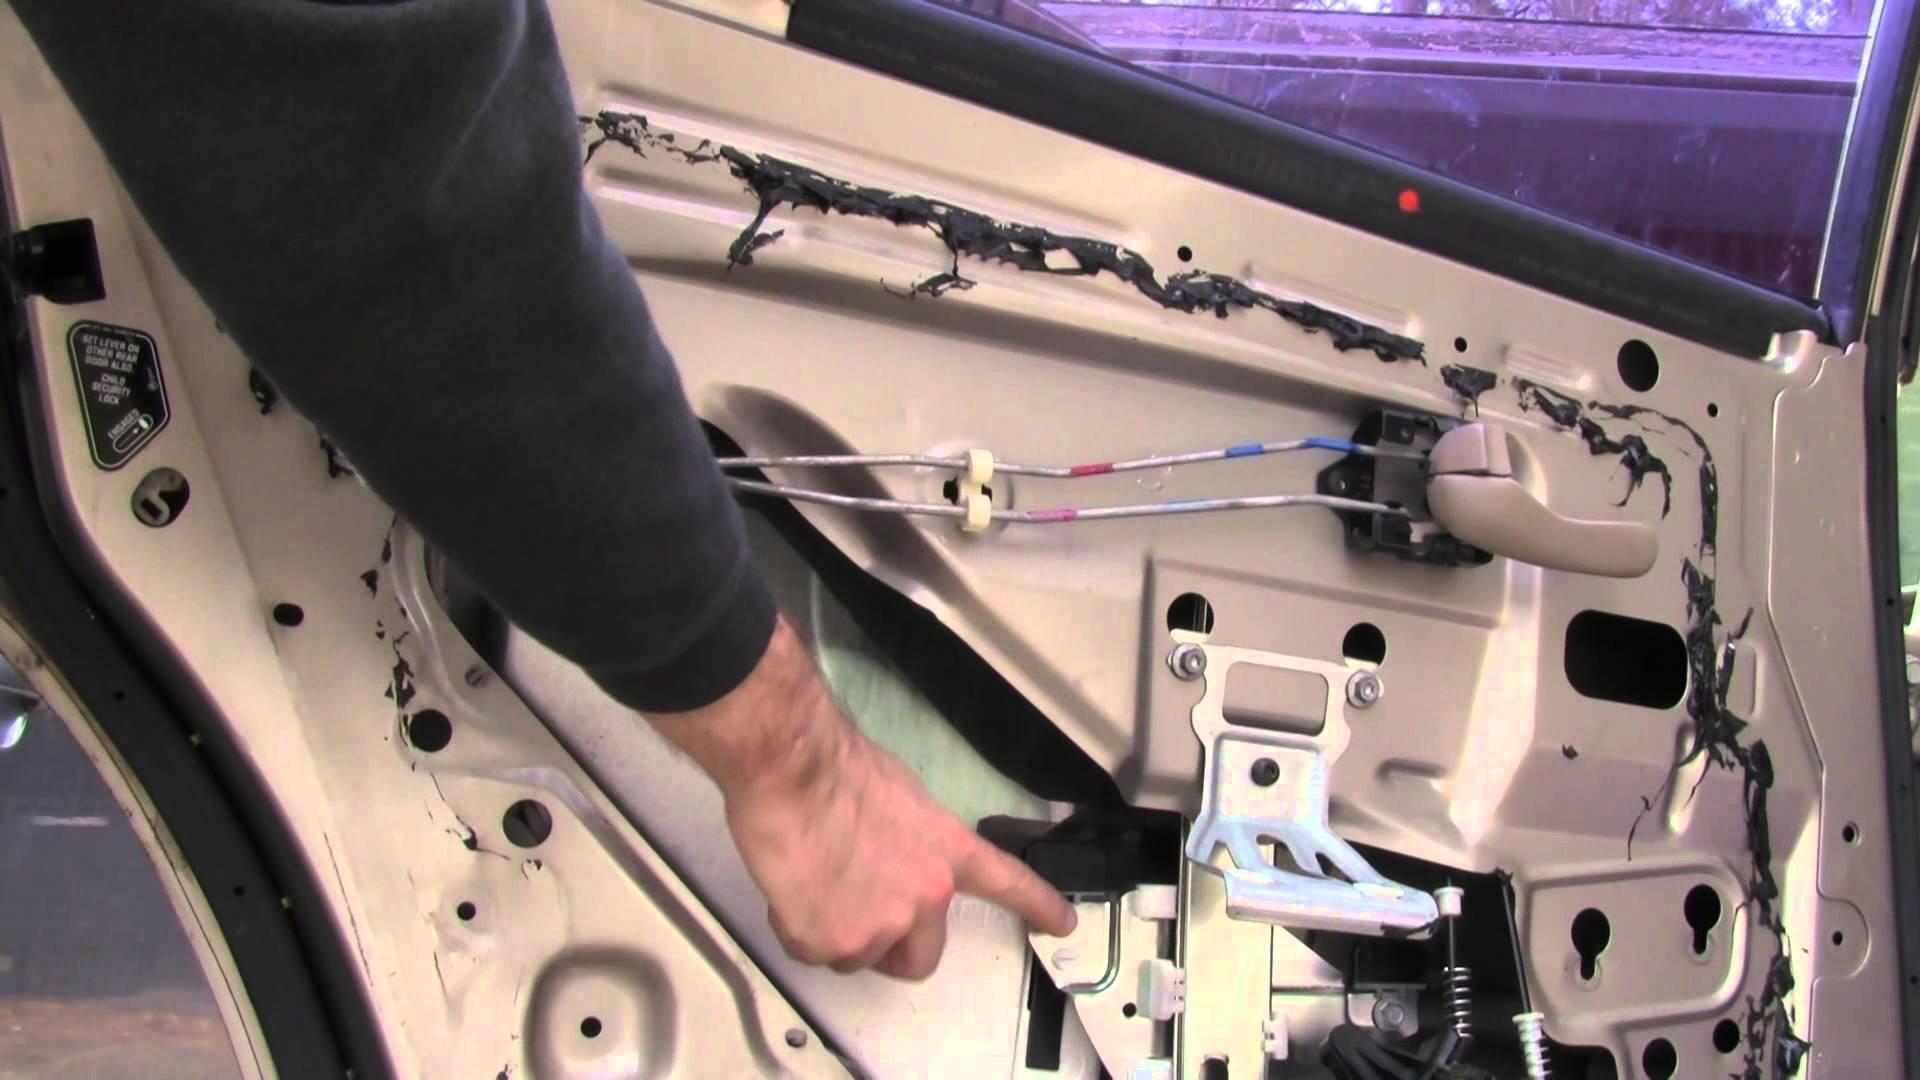 Conserto de máquinas de vidro automotivas elétricas e manuais